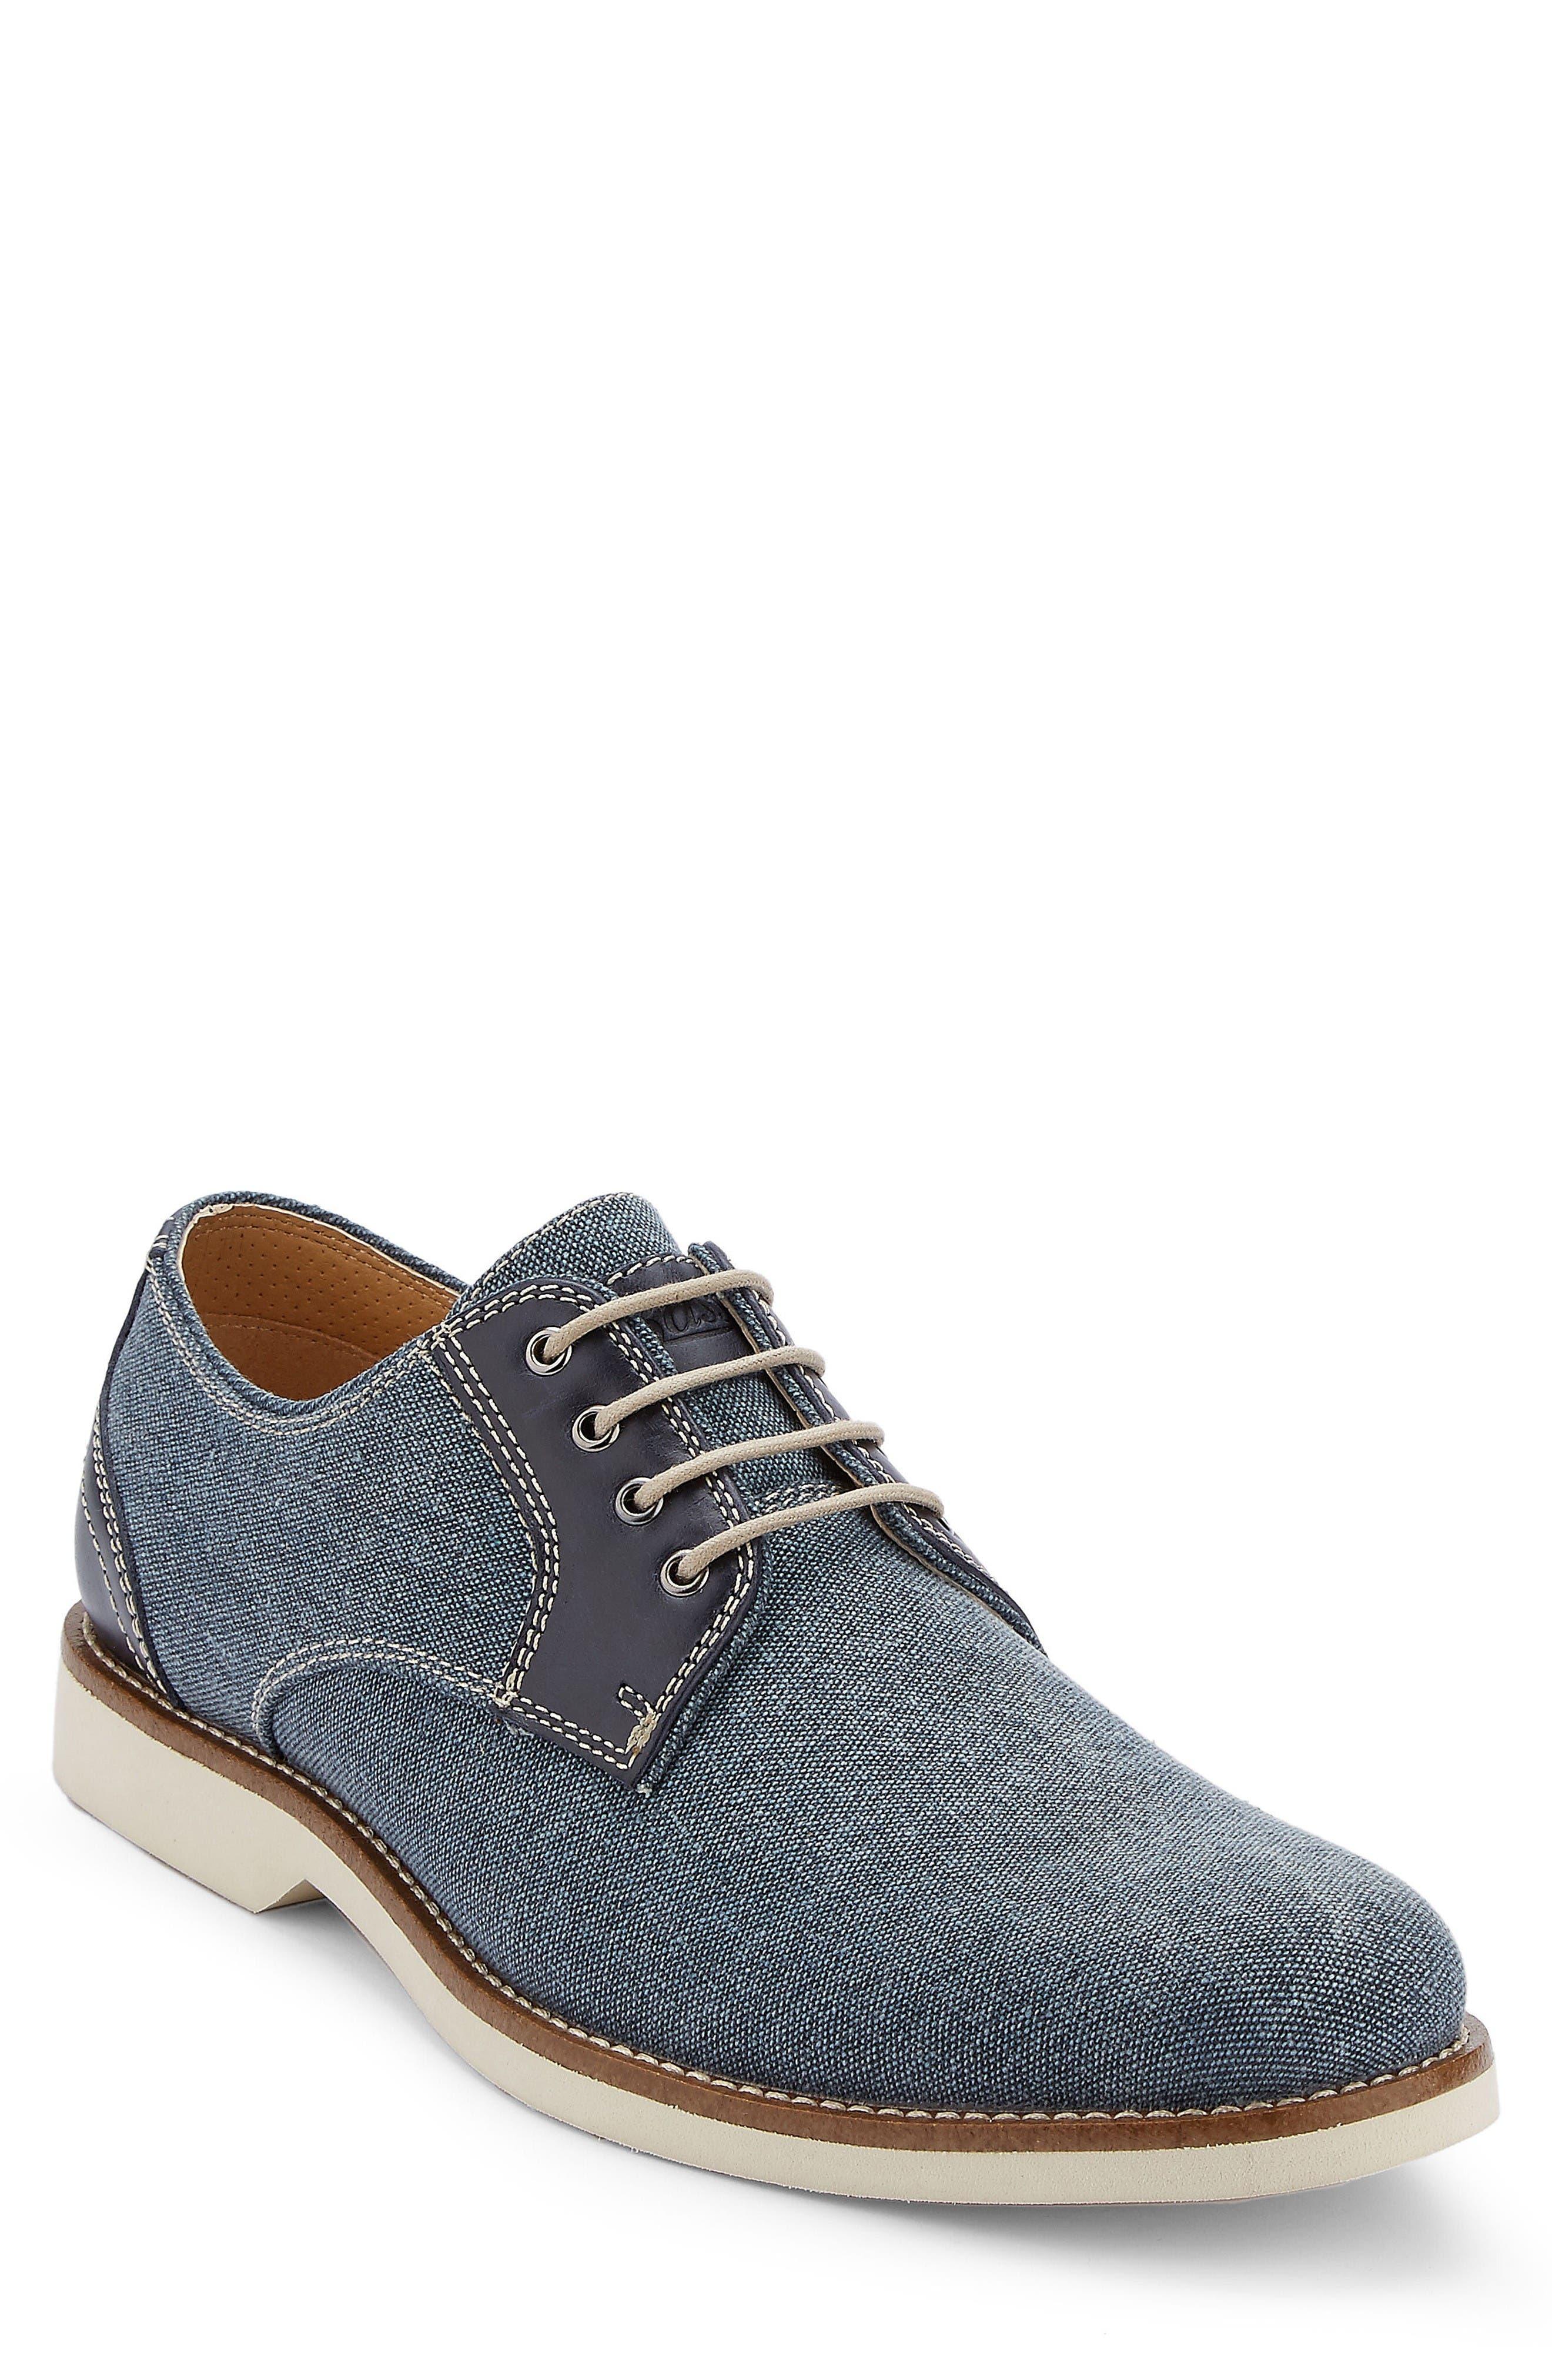 G.H. Bass & Co. 'Proctor' Buck Shoe (Men)